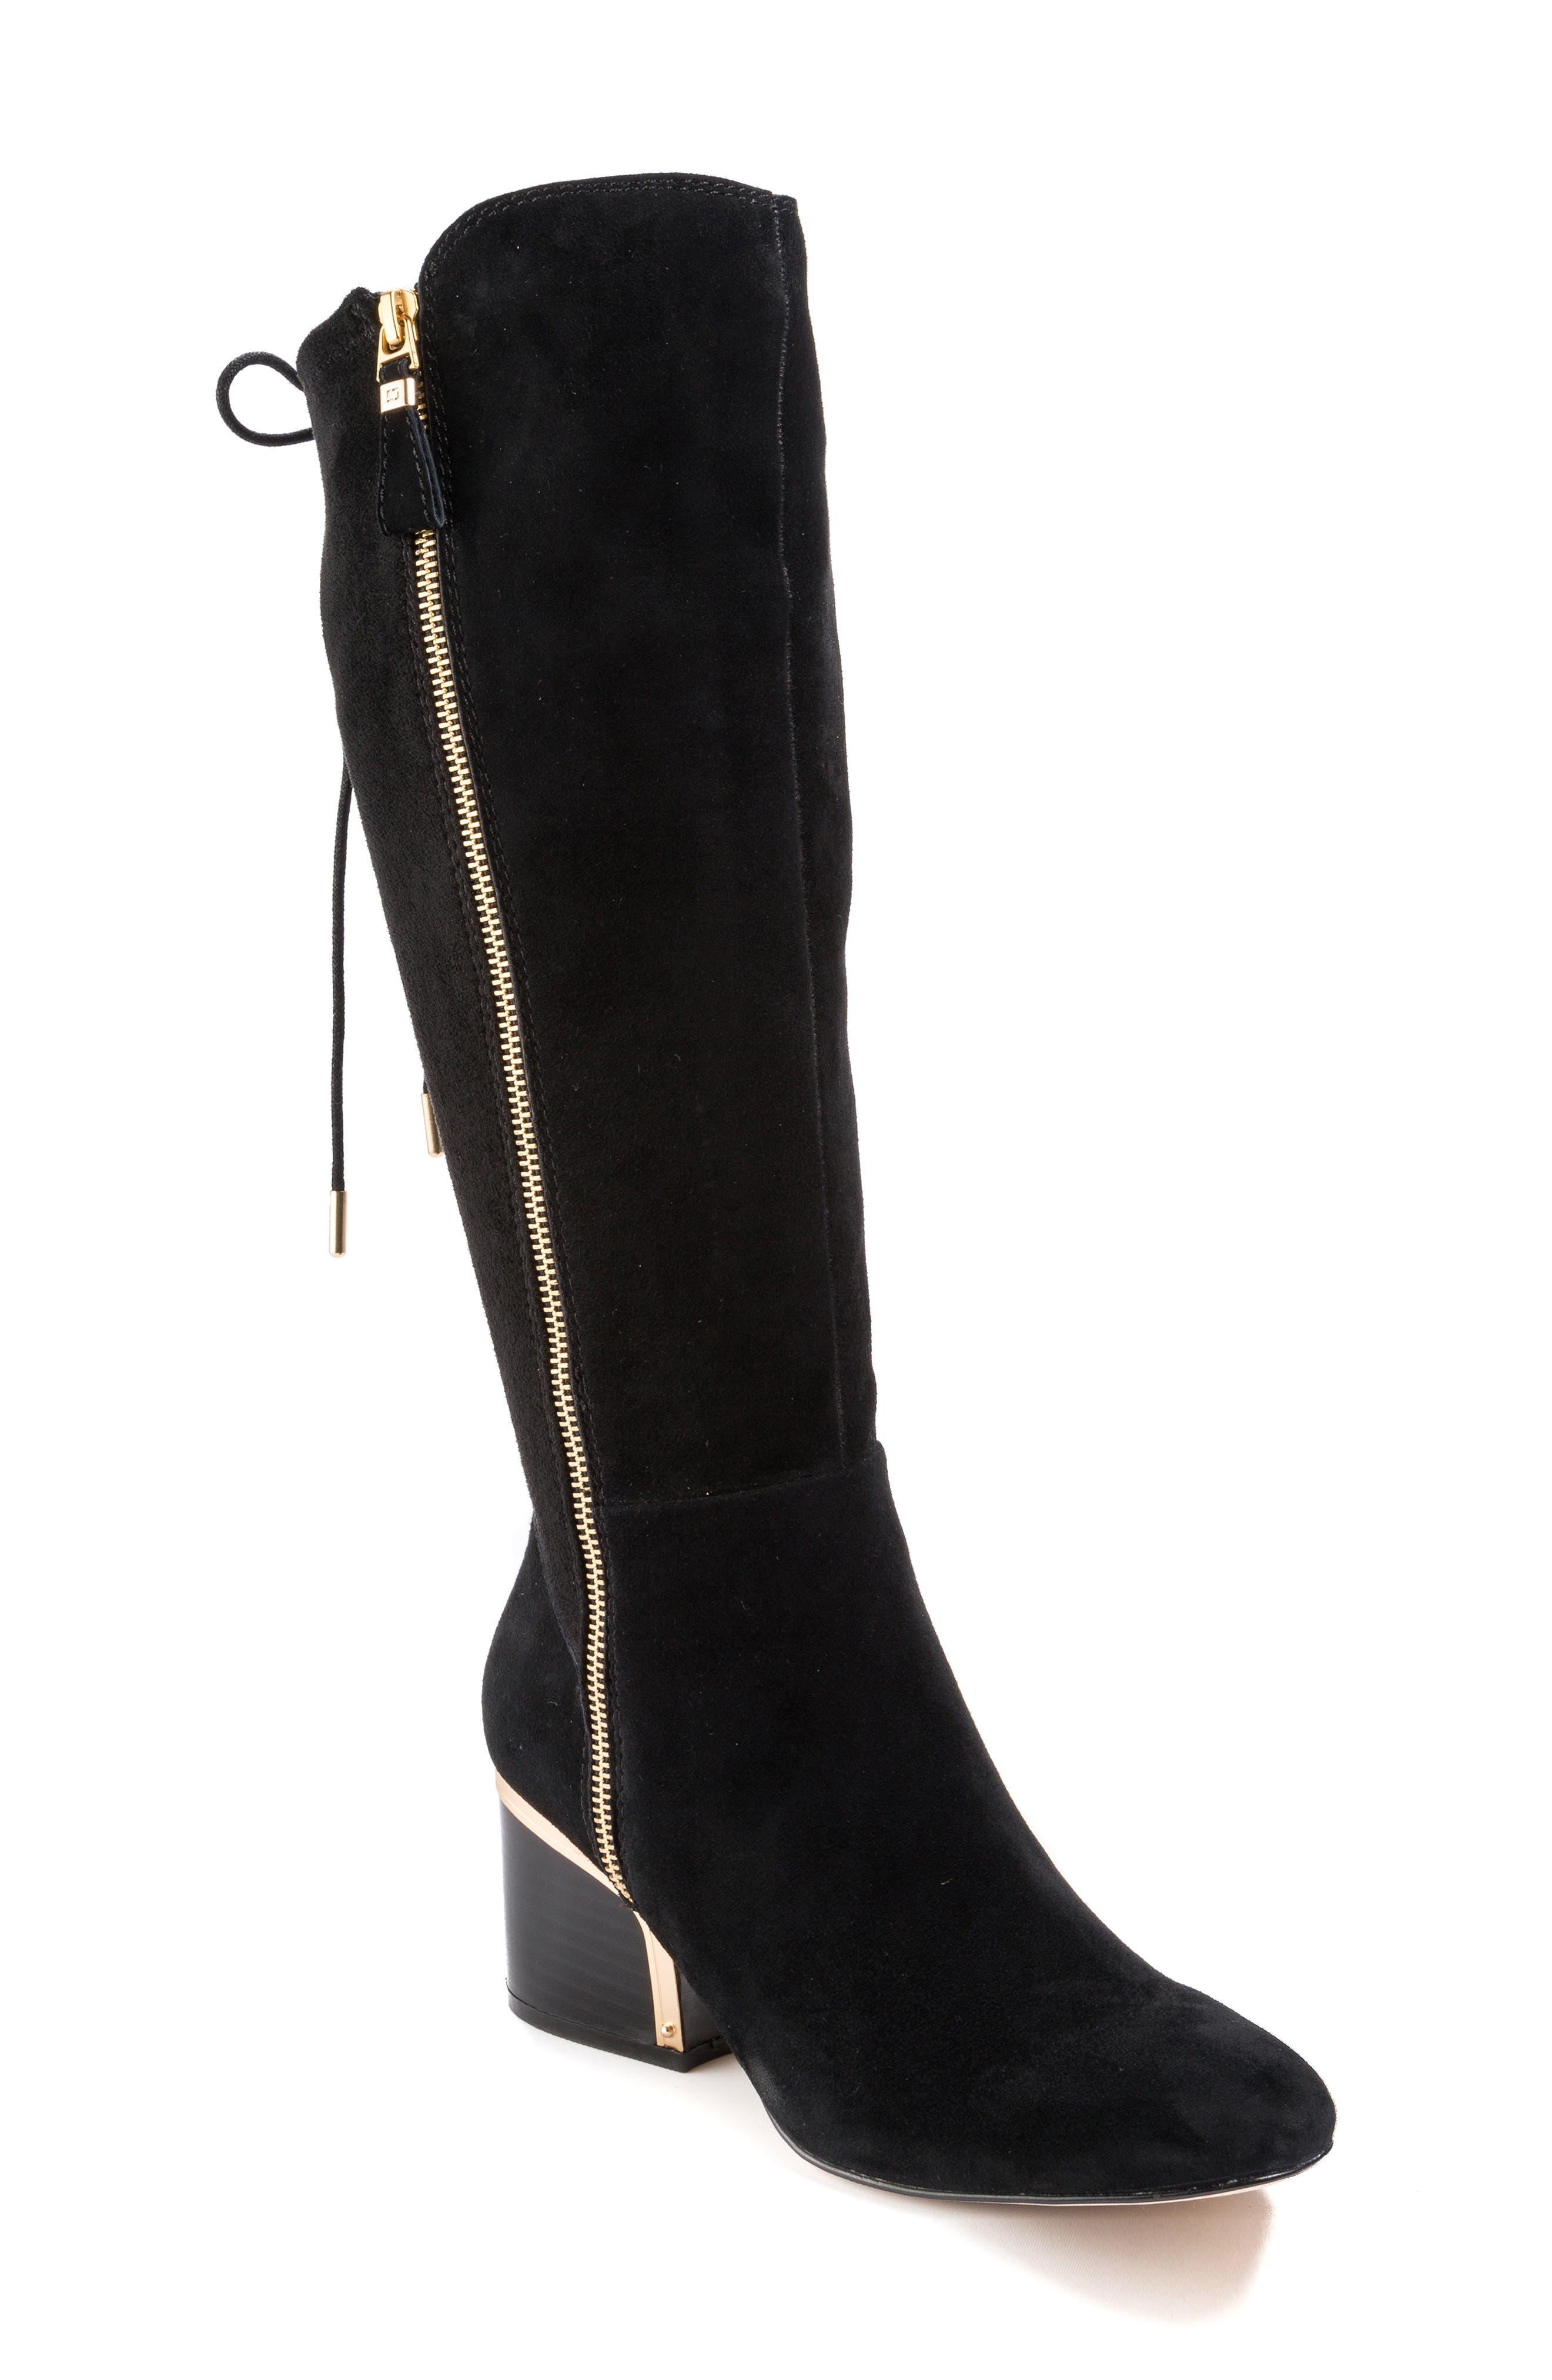 LATIGO Pearla Boot in Black